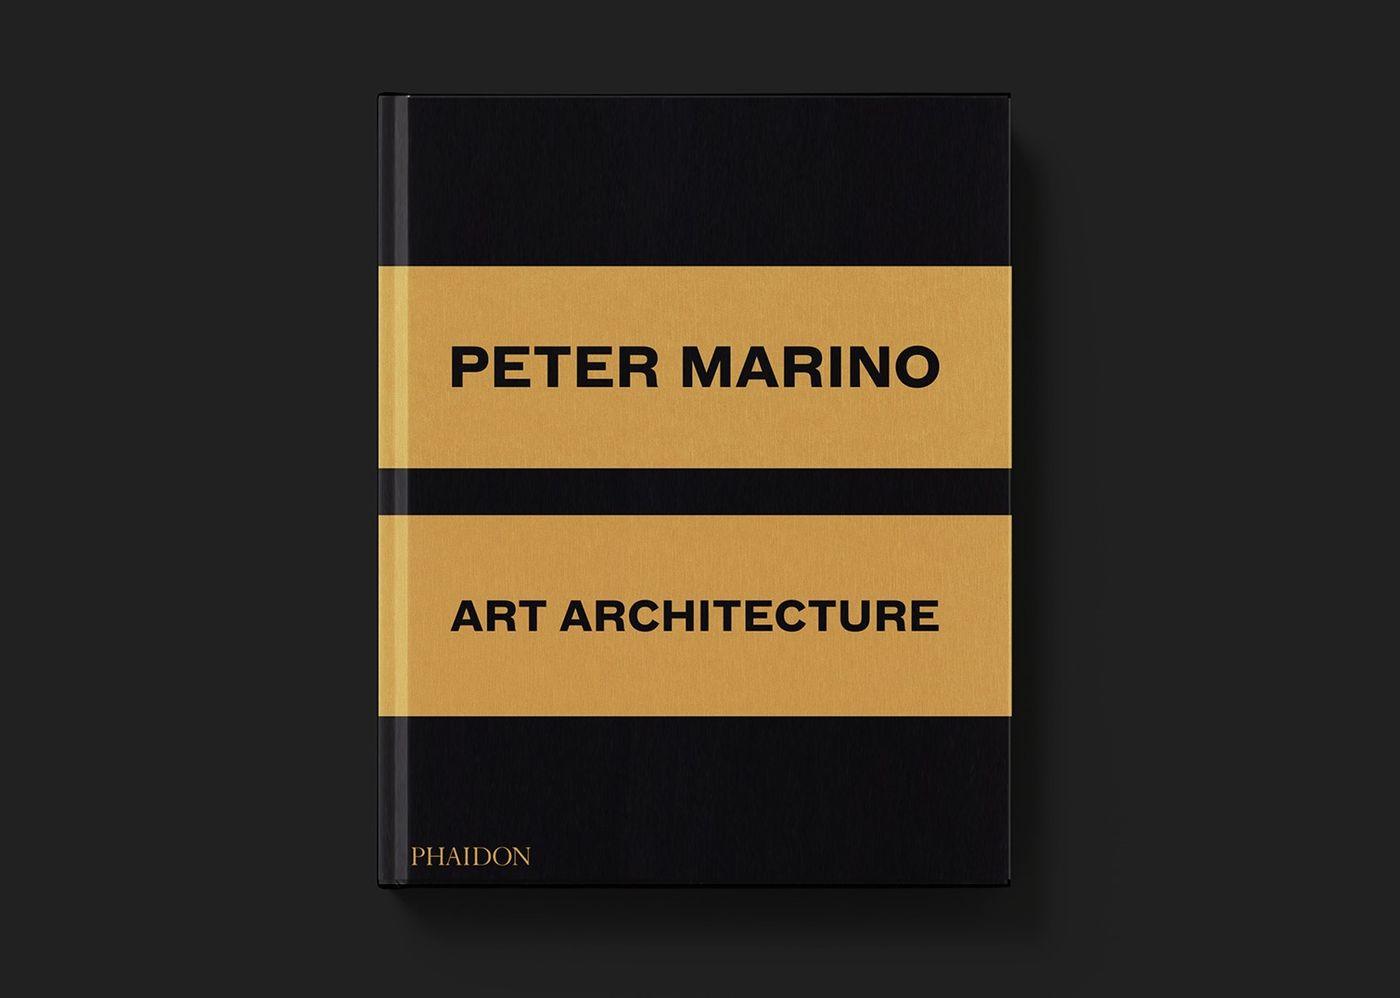 Spread of Peter Marino: Art Architecture (Luxury edition), Phaidon (2016)